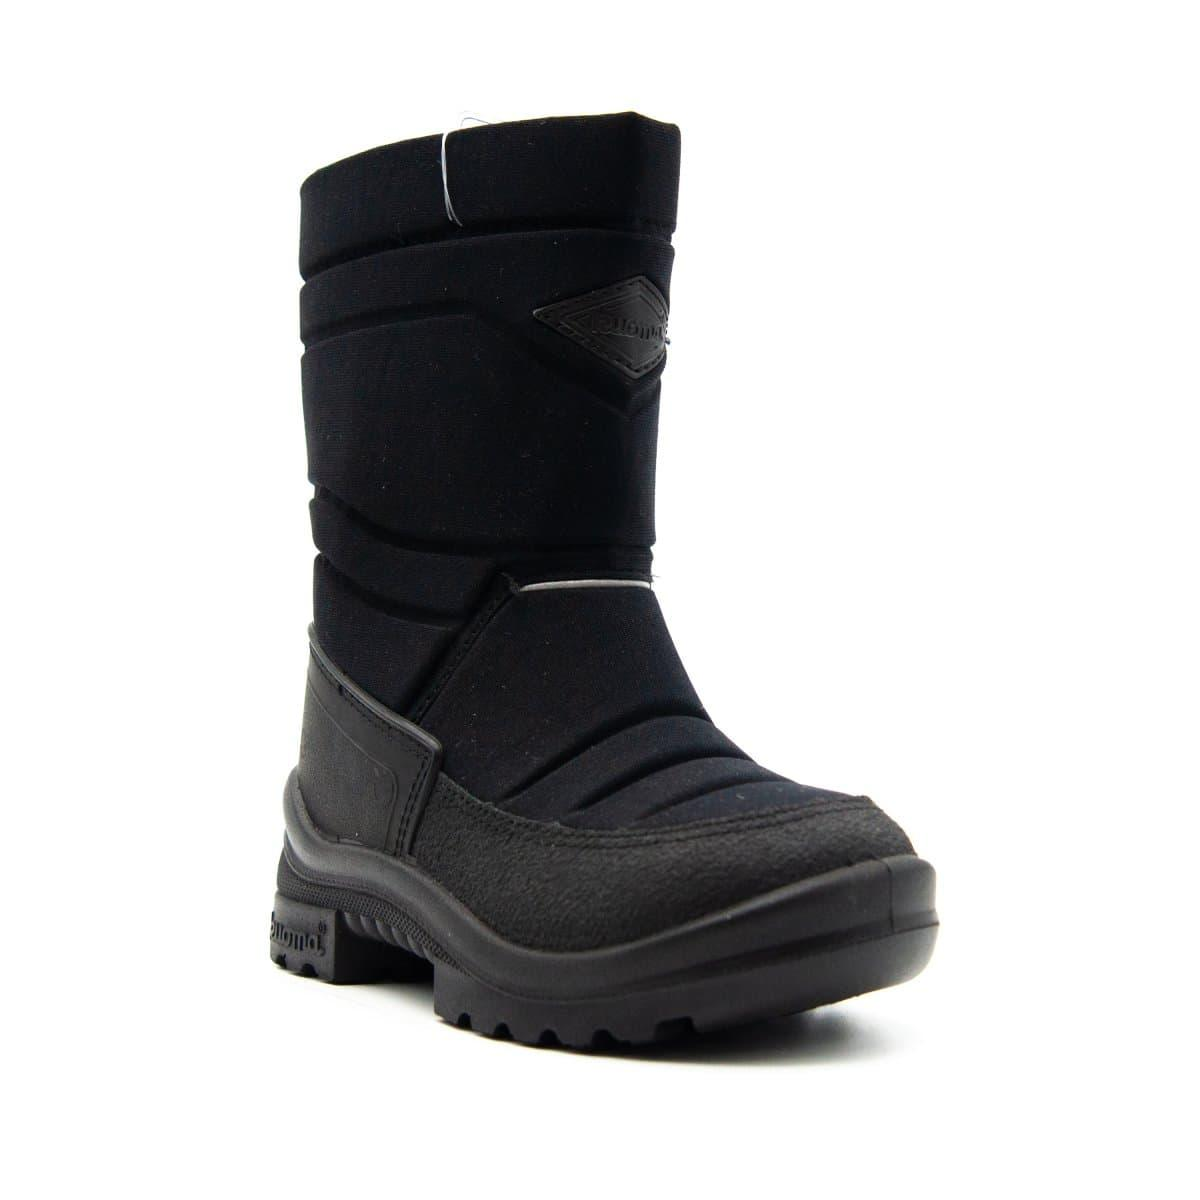 Обувь взрослая Kuoma Putkivarsi Black